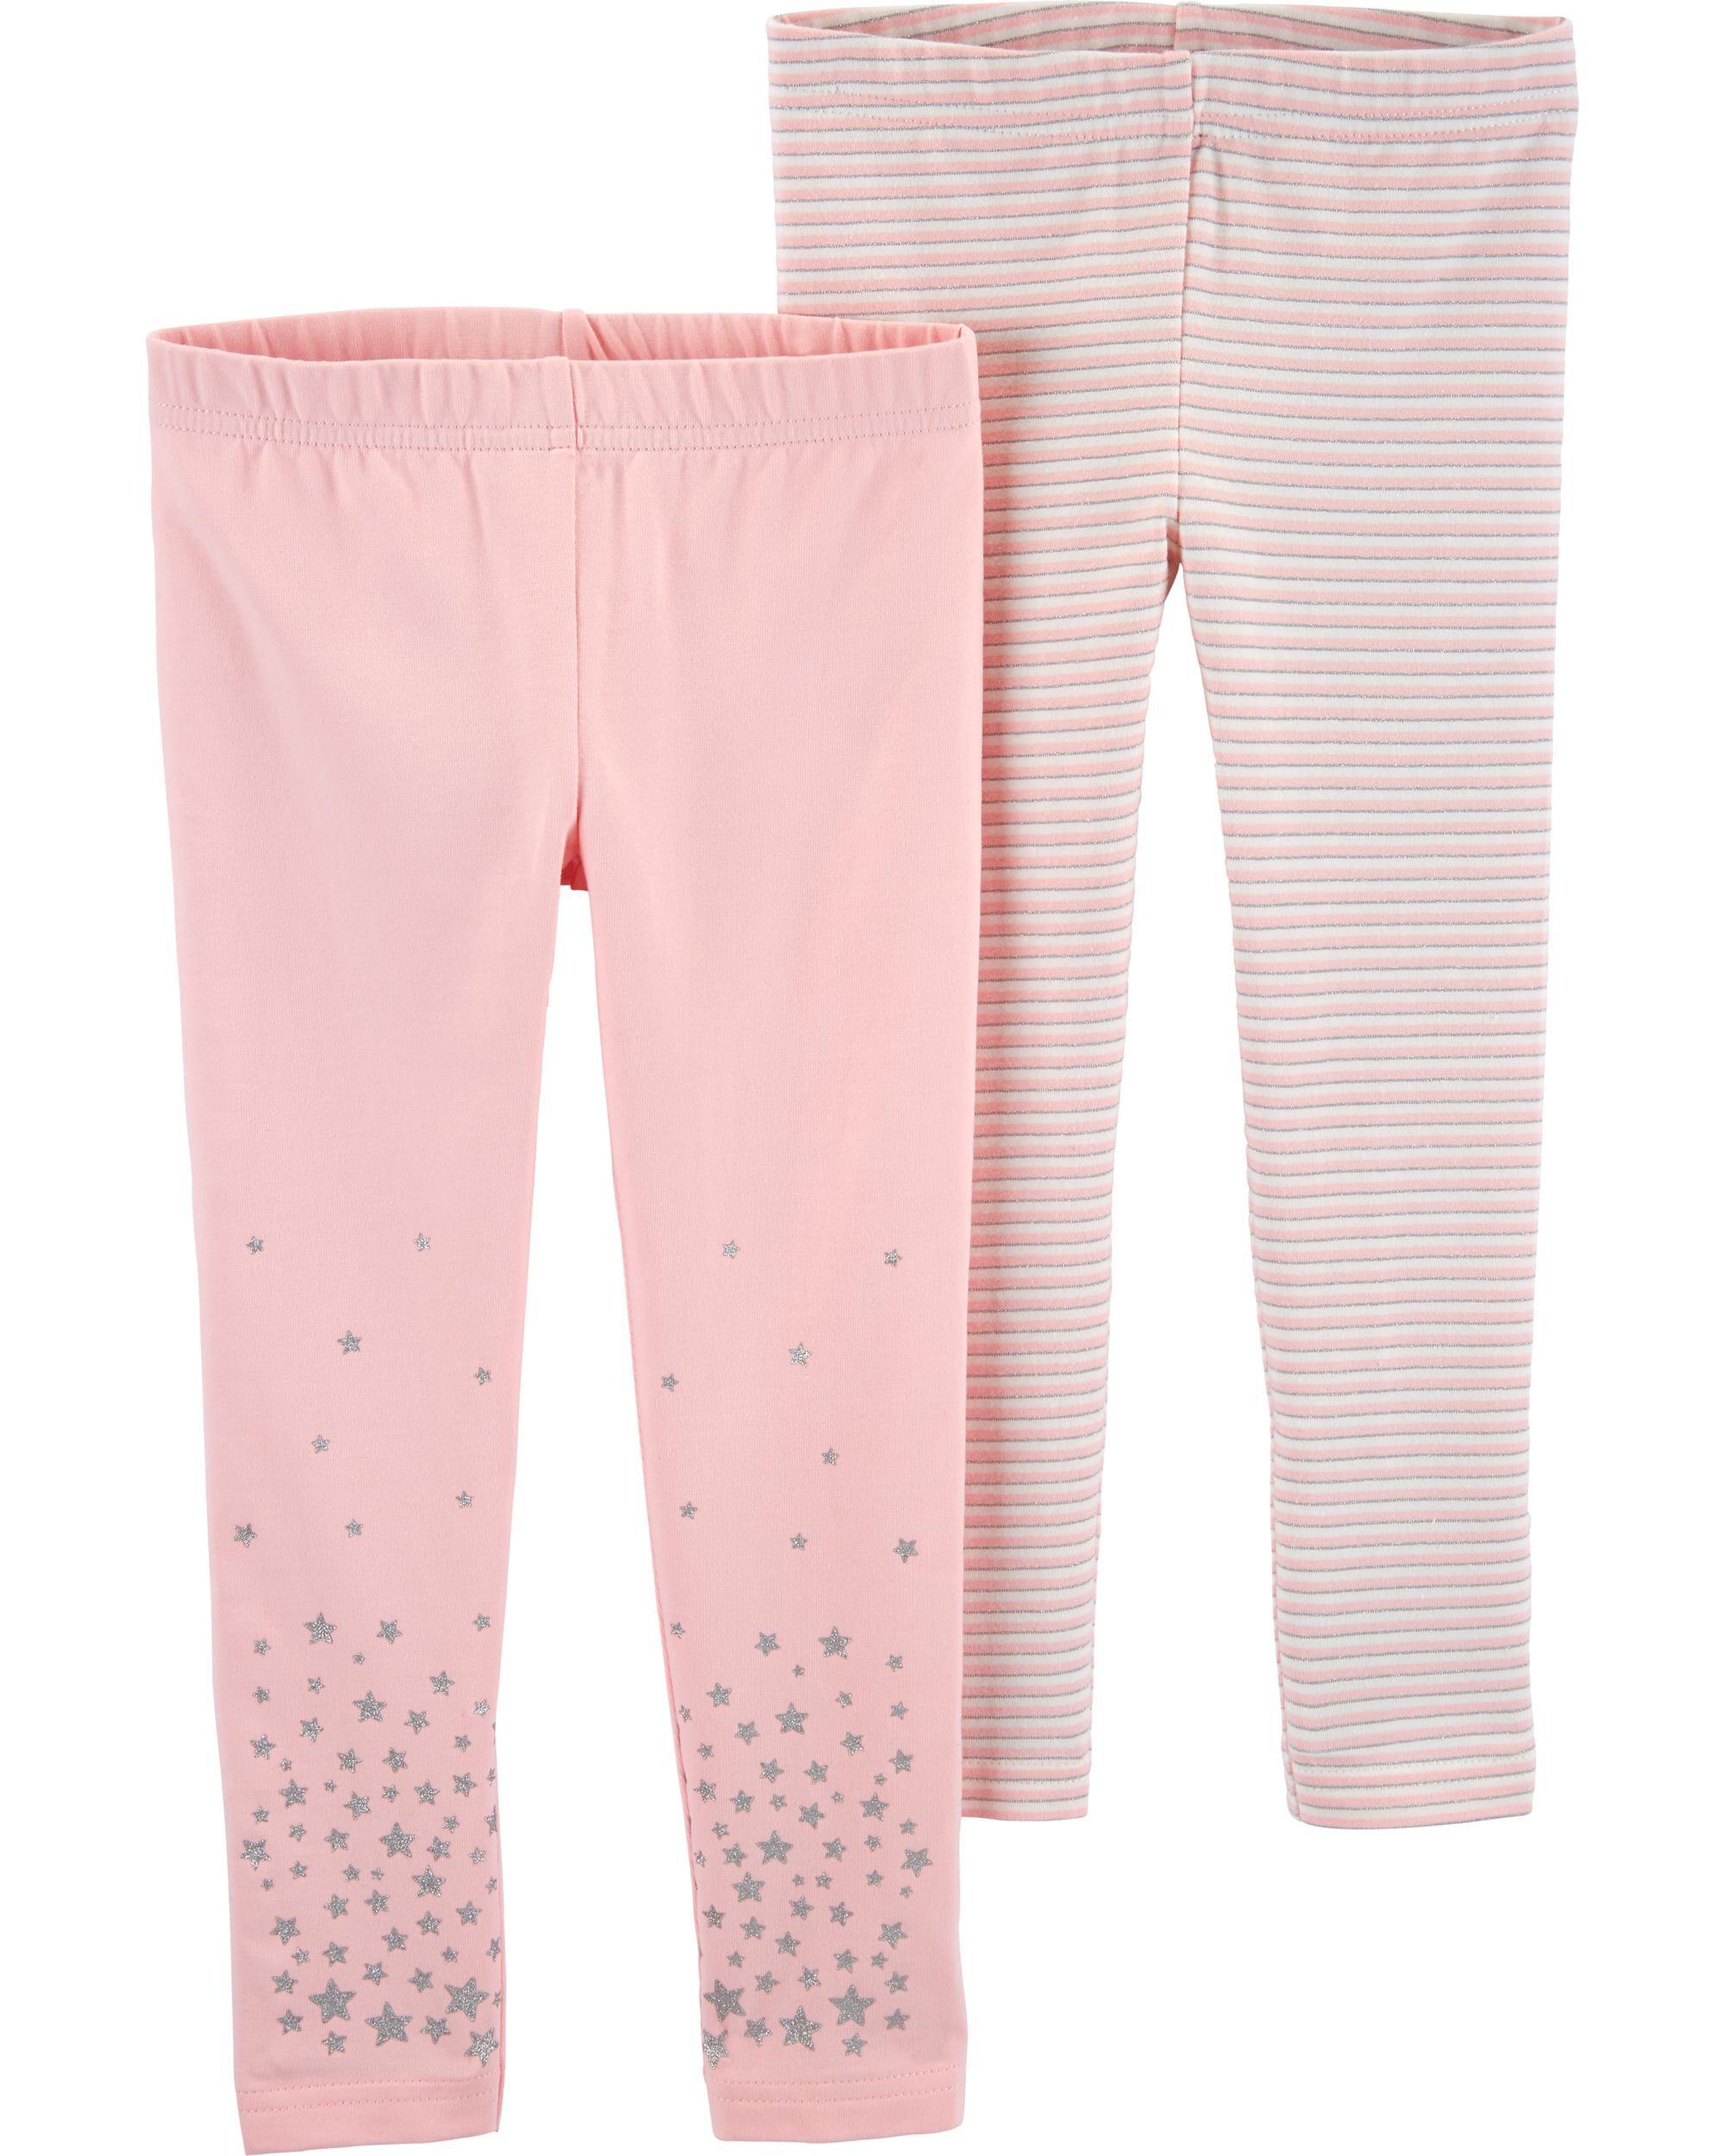 2-Pack Stars & Striped Leggings